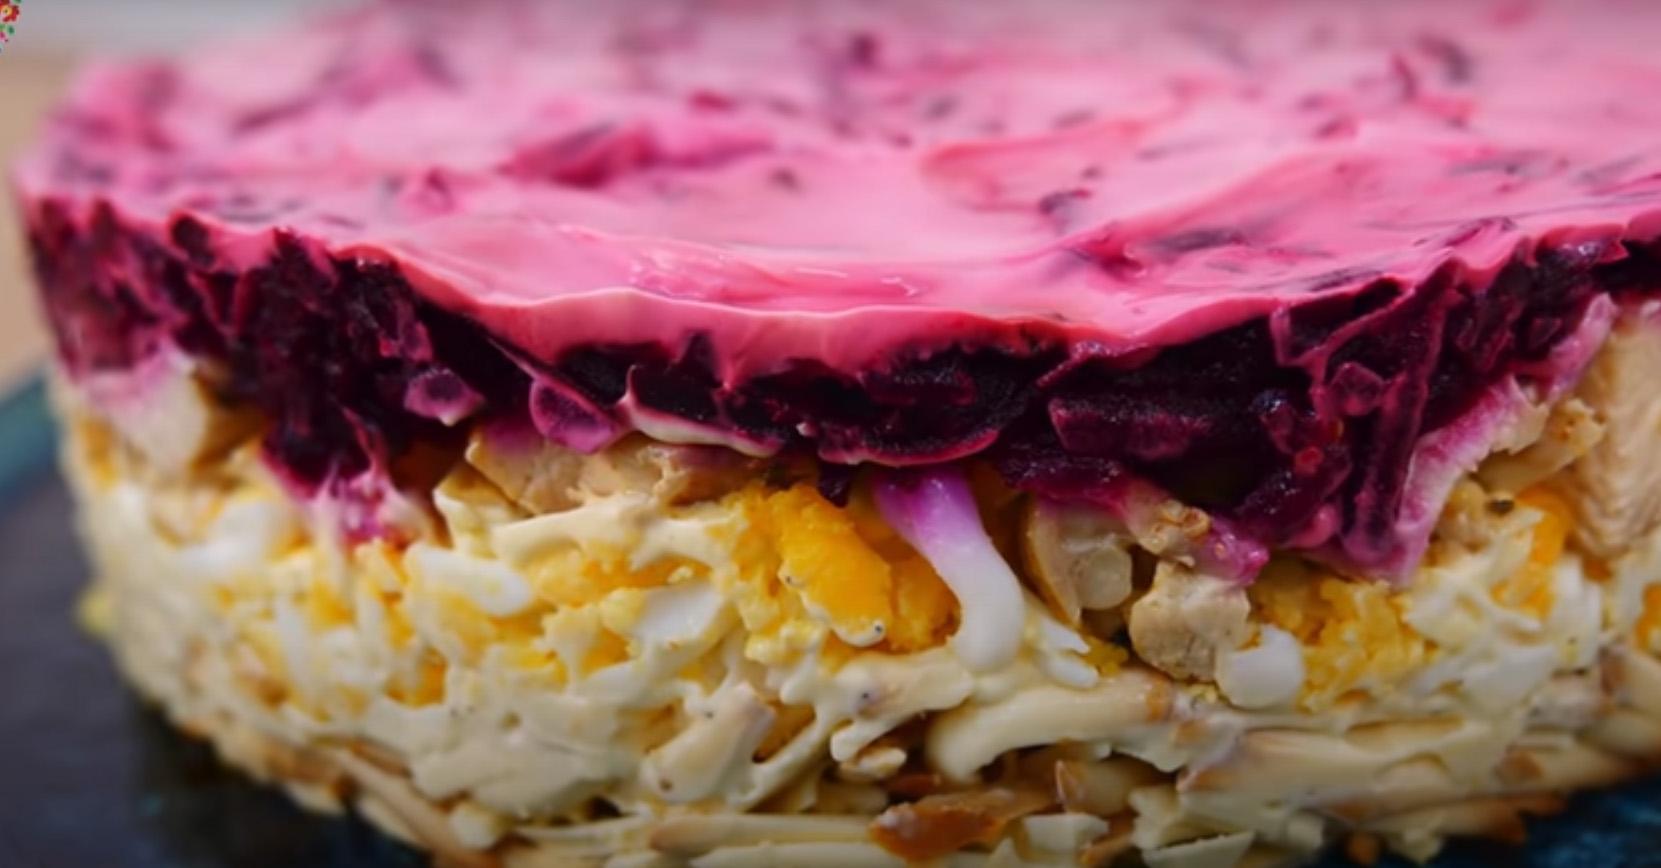 ჭარხლის სალათების რეცეპტები რომელიც ჭარხალს შეგაყვარებთ.